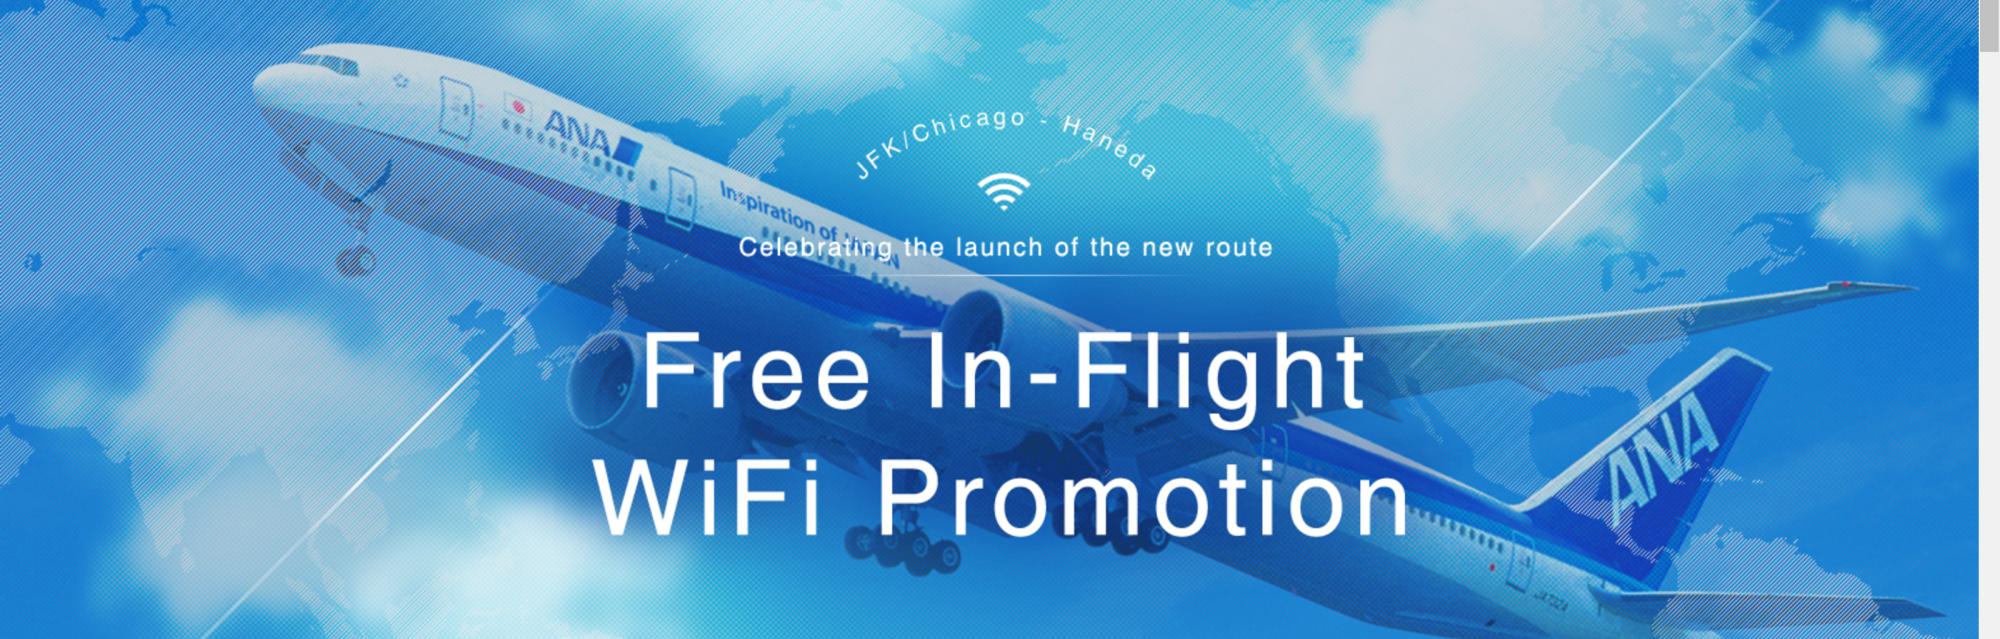 ANA Celebrates New Routes with Free Wi-Fi